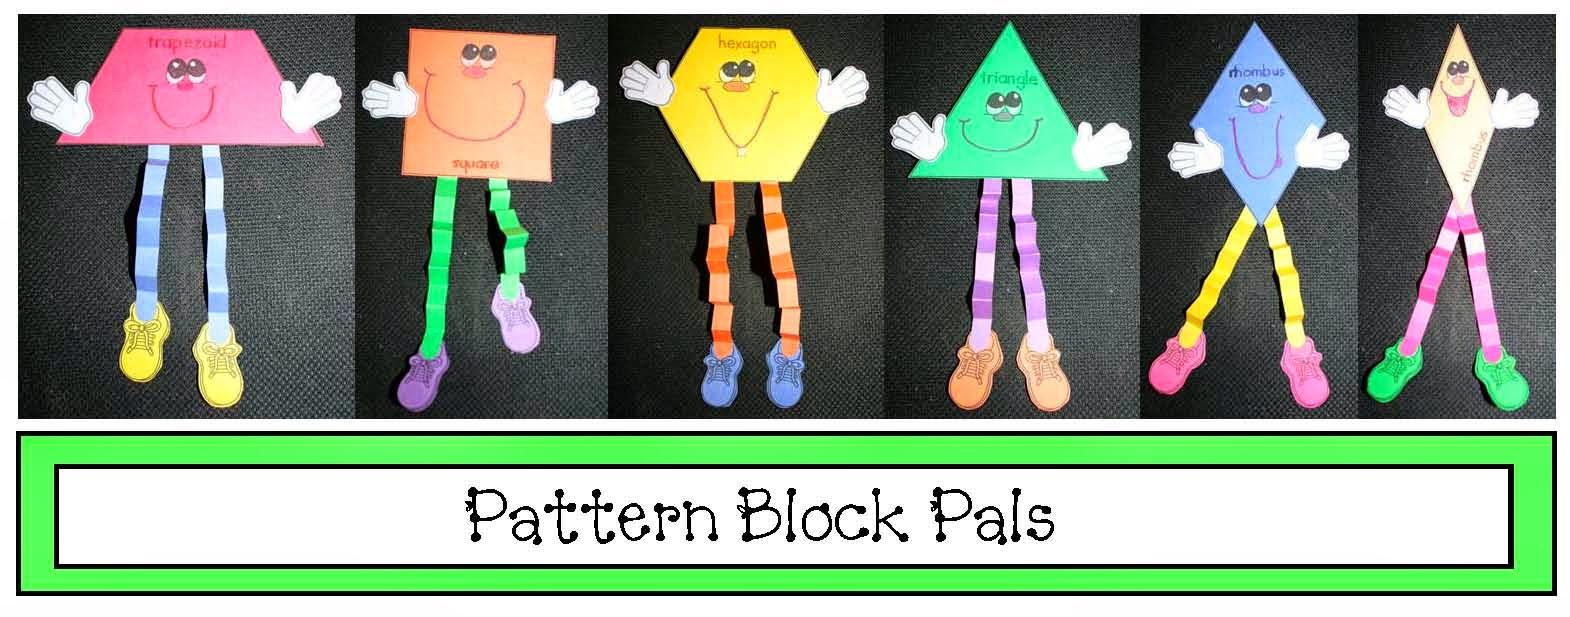 http://4.bp.blogspot.com/-xq12Y6_19Pc/U9koCj428bI/AAAAAAAALB0/R59FI6luwzA/s1600/pattern+block+pals+craft+cov.jpg